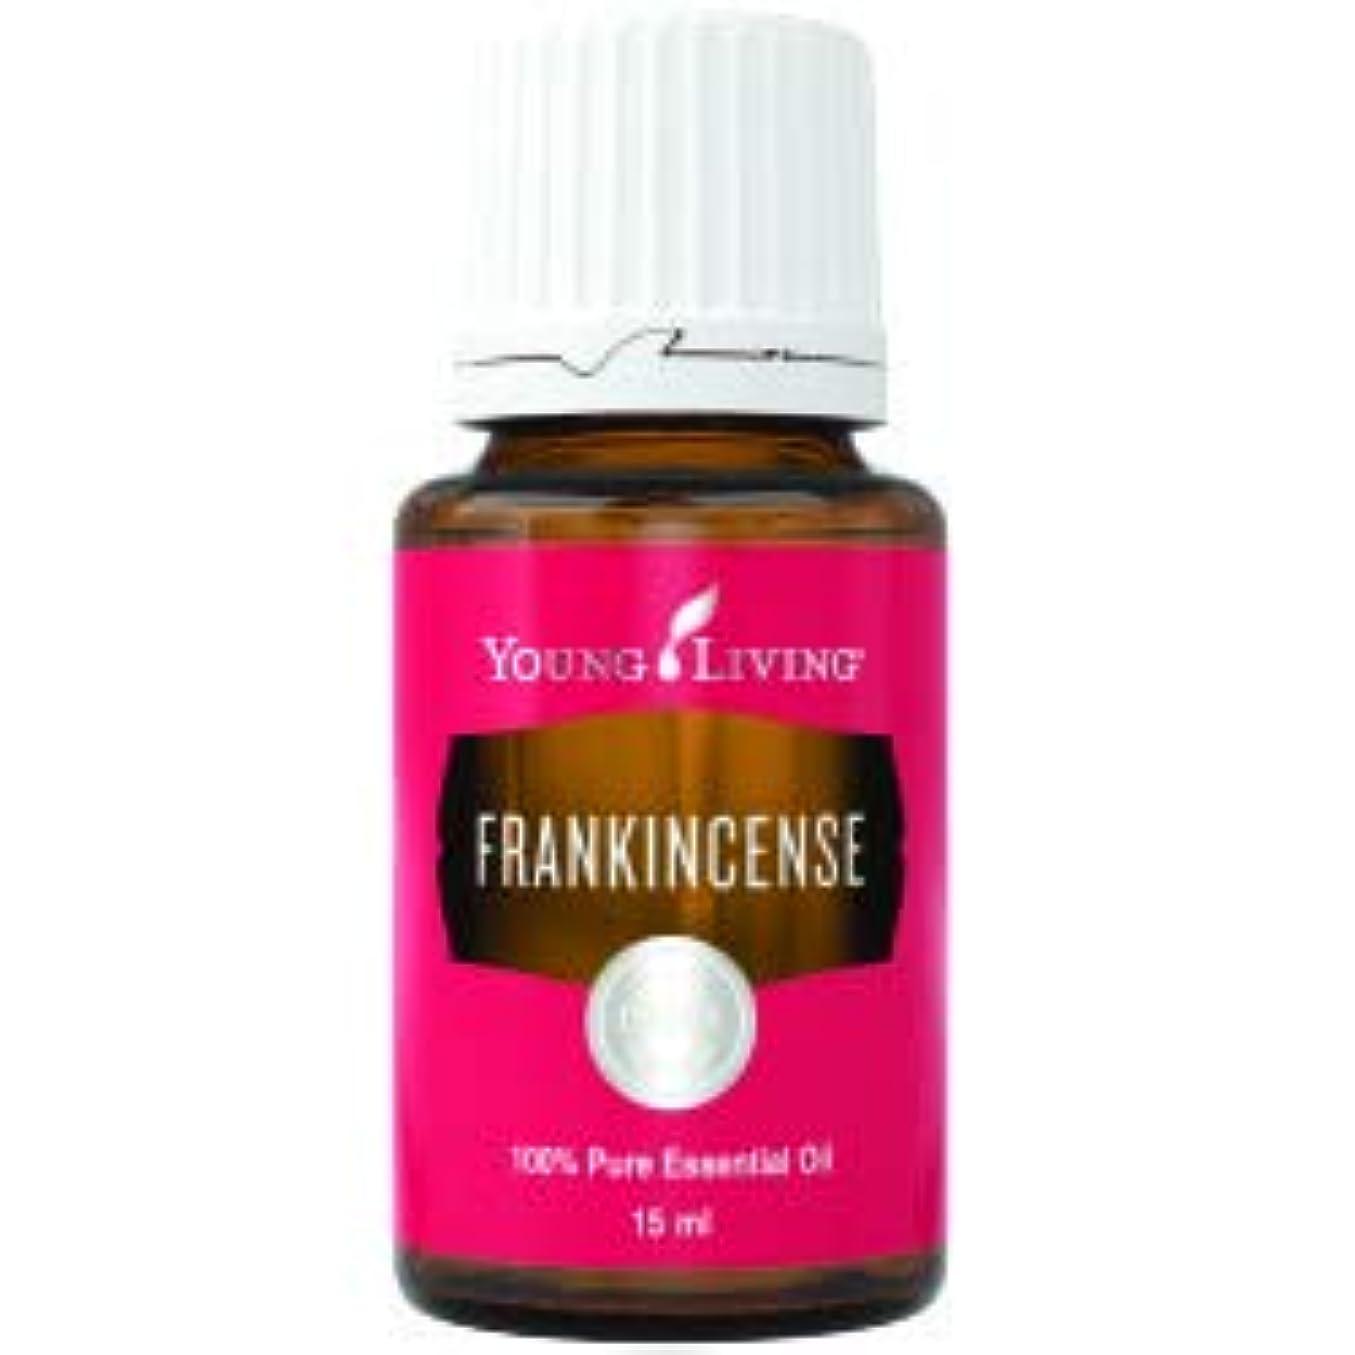 最も仕方いいねフランキンセンスエッセンシャルオイル ヤングリビングエッセンシャルオイルマレーシア15ml Frankincense Essential Oil 15ml by Young Living Essential Oil Malaysia